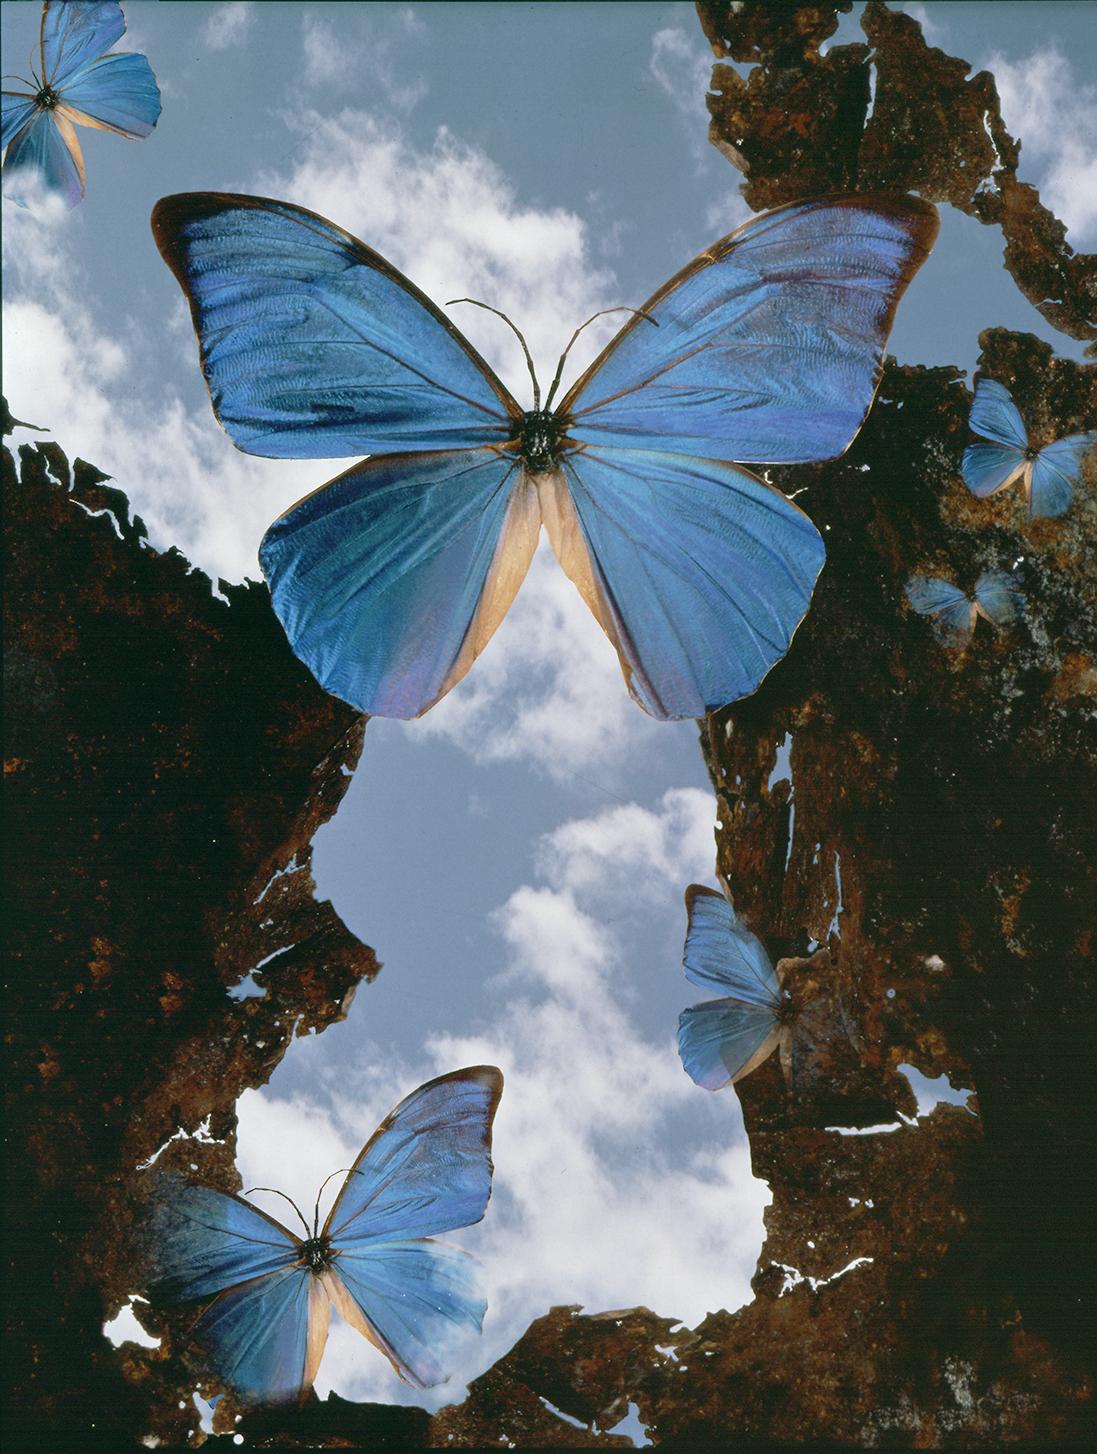 Buterfly in blue